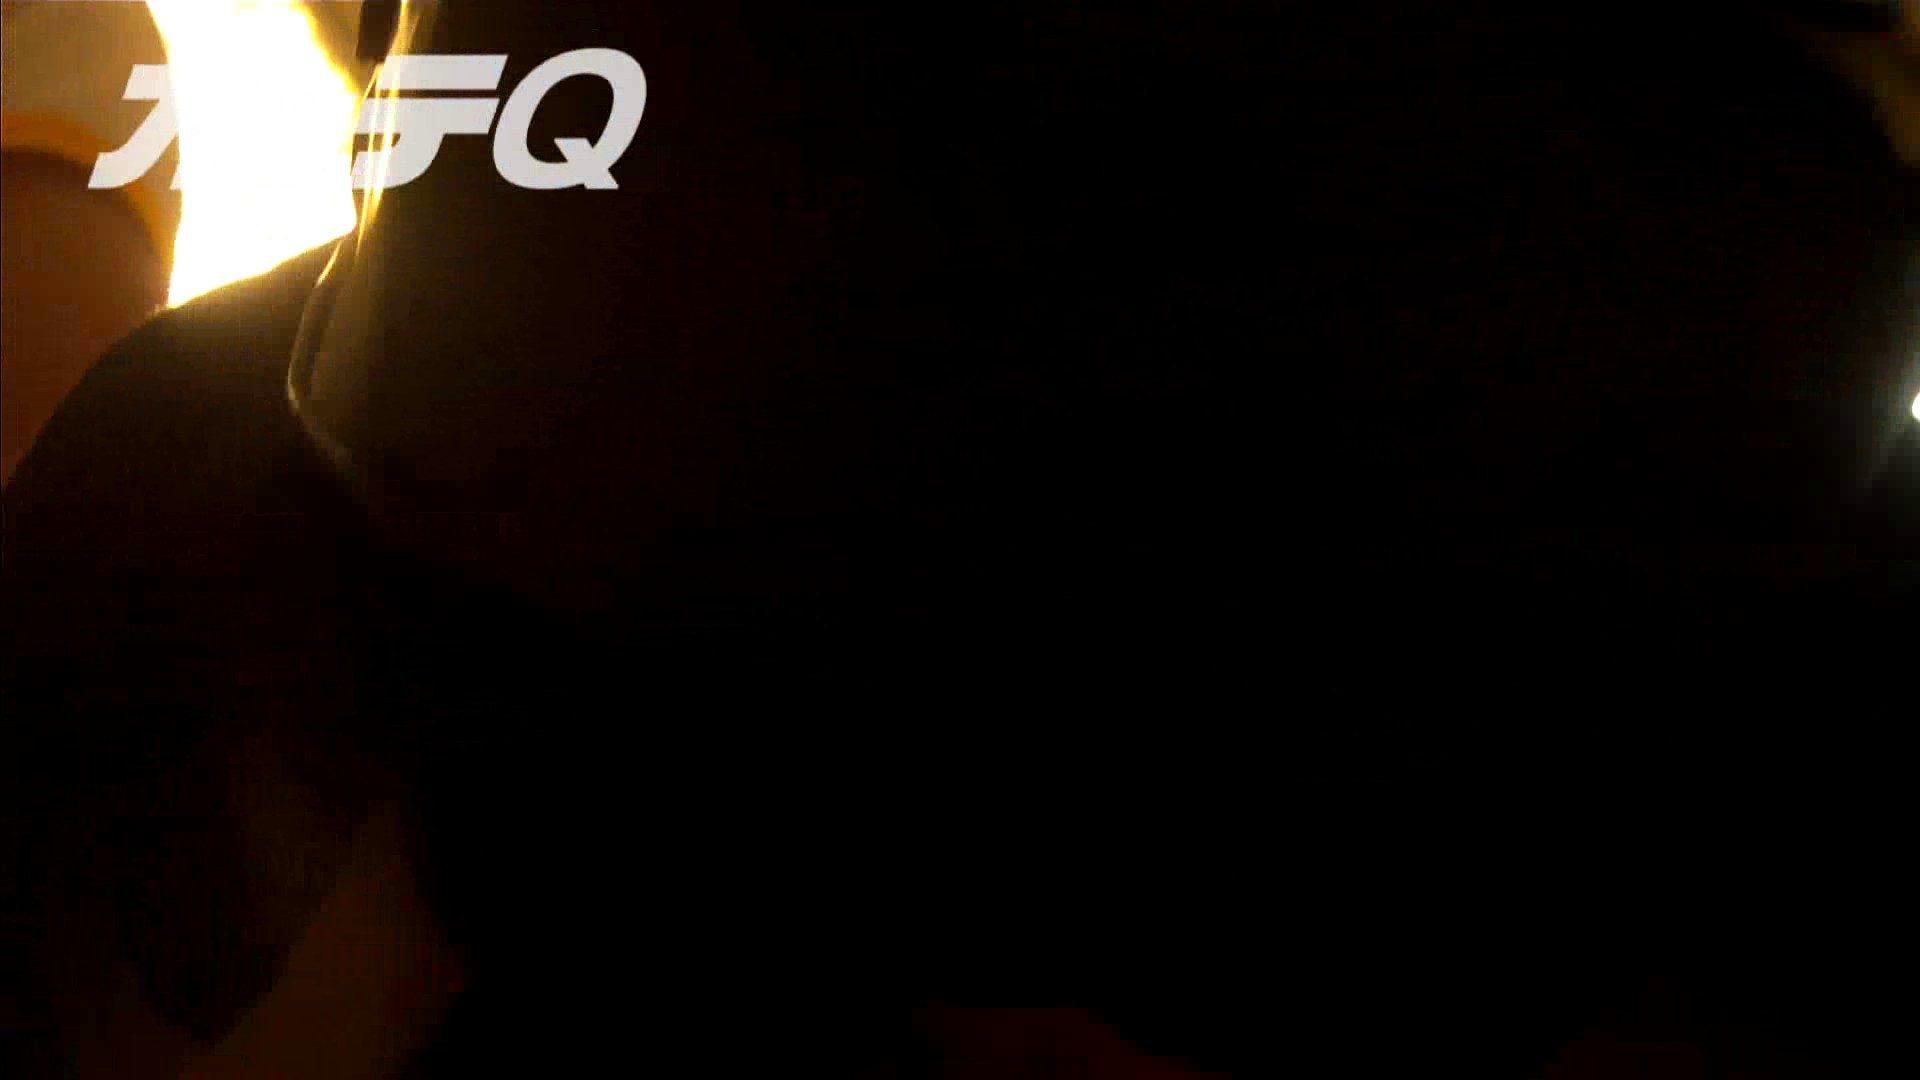 ハイビジョンパンチラ オッテQさんの追跡パンチラデパート編VOL.04 チラ系 オマンコ無修正動画無料 105pic 58